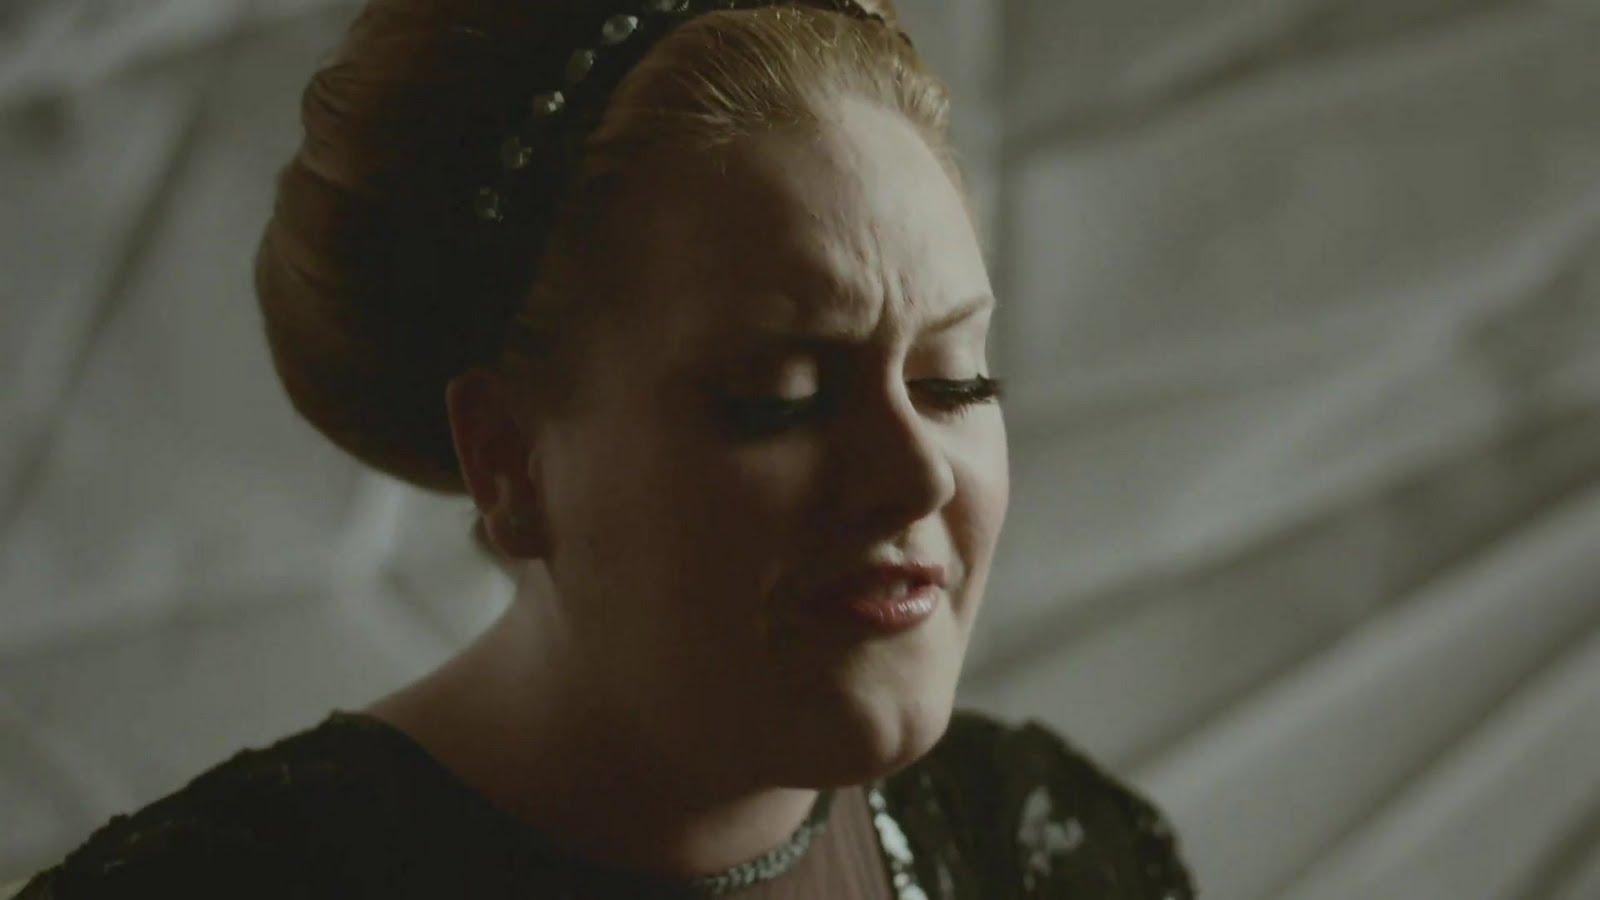 http://1.bp.blogspot.com/-WbnUy5GmZDg/Td_kR5ccEpI/AAAAAAAAAJI/qAxN3hz2UyQ/s1600/Adele+-+Rolling+In+The+Deep%2526rlm%253B+10.jpg